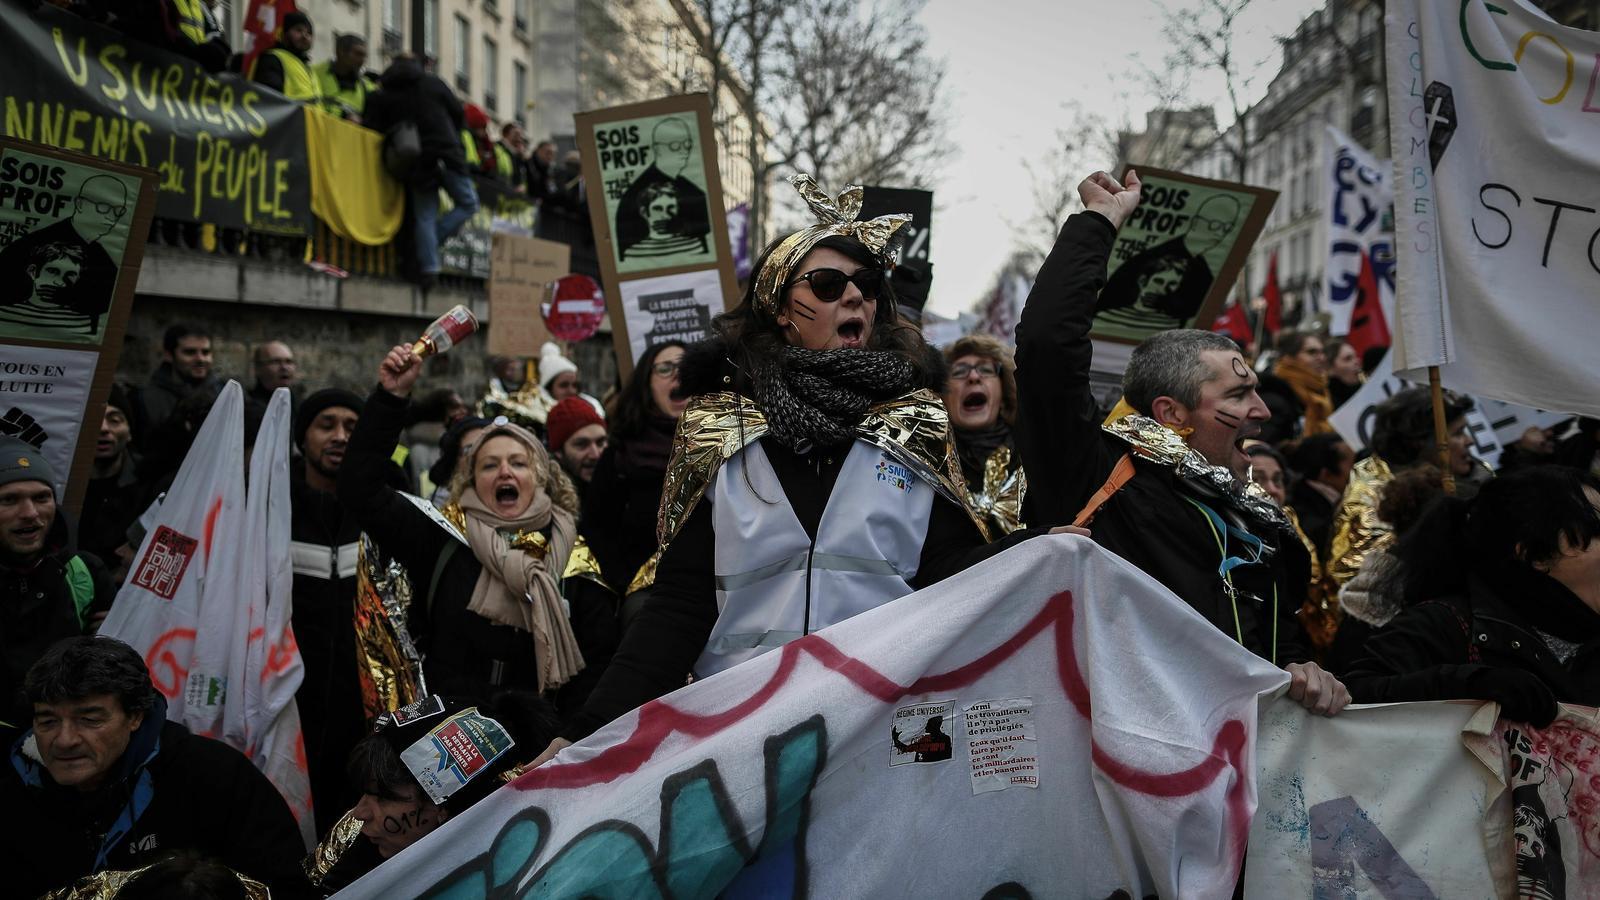 Macron manté la reforma de les pensions malgrat la radicalització de les protestes